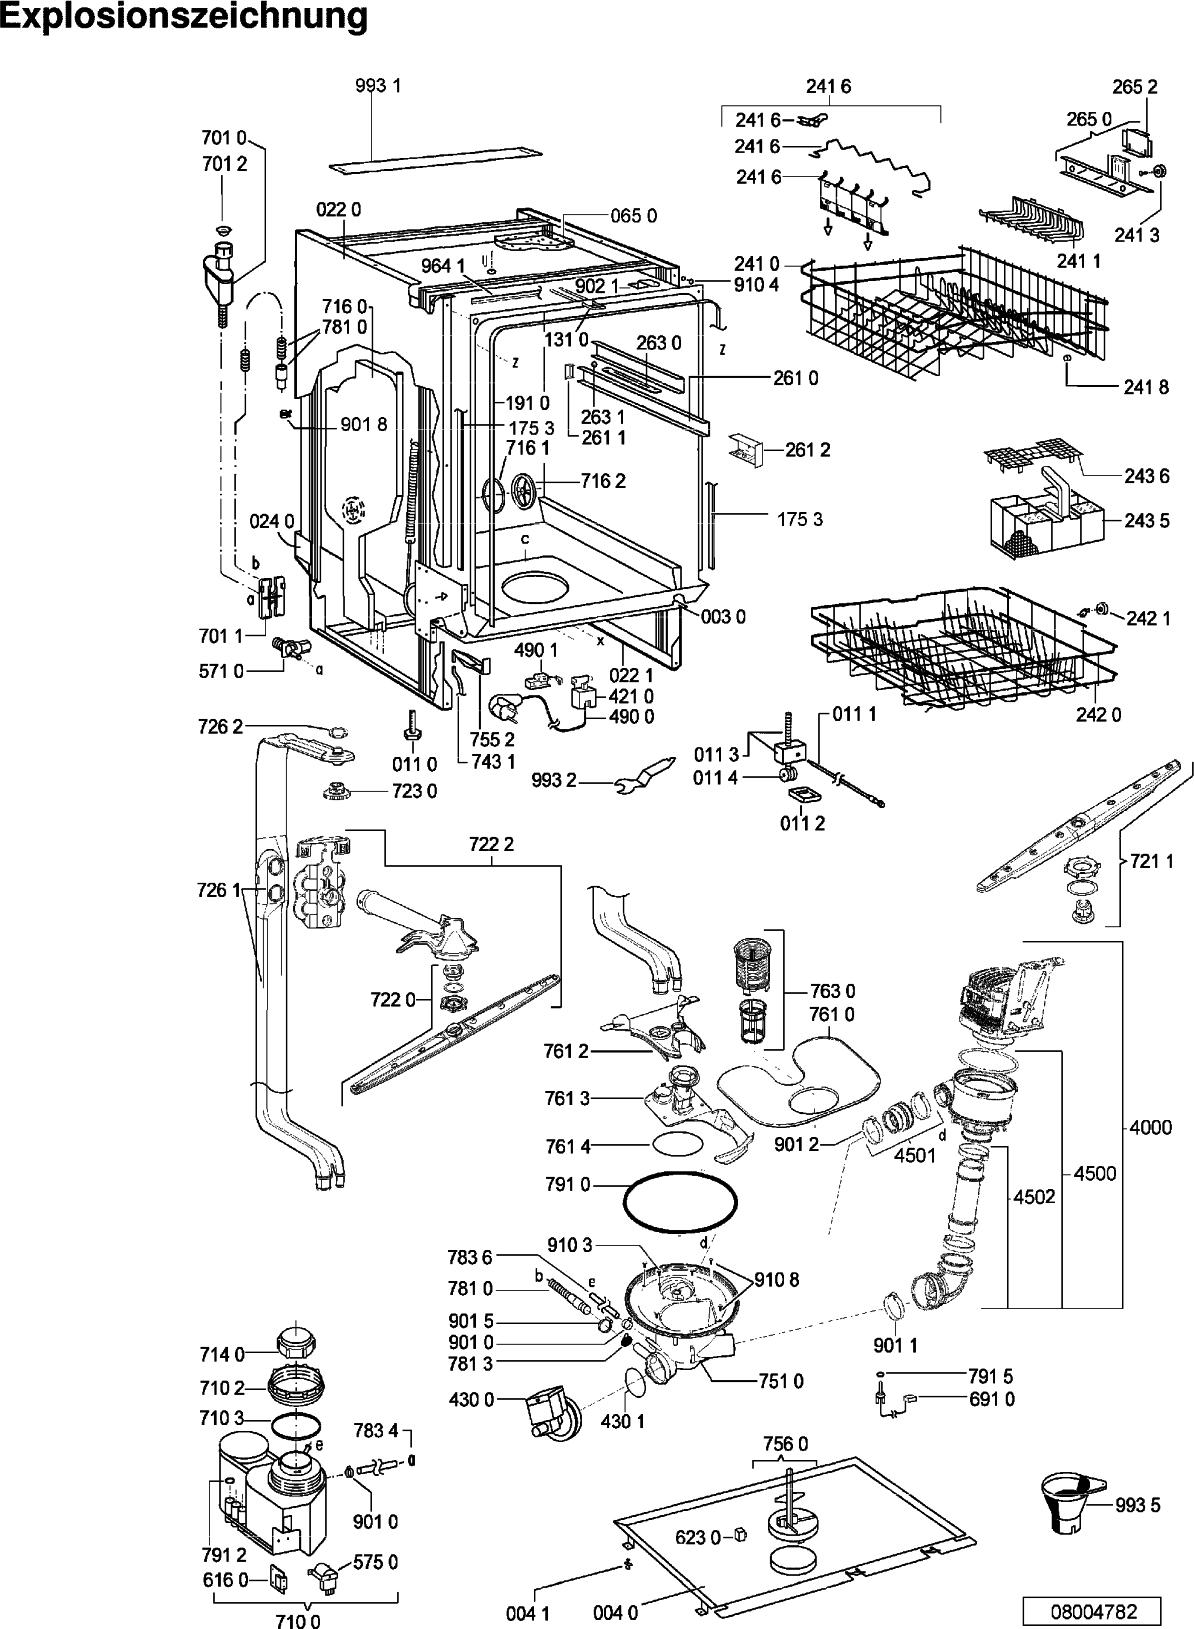 guten tag ich hab mal ne frage unsre sp lmaschine mit der. Black Bedroom Furniture Sets. Home Design Ideas